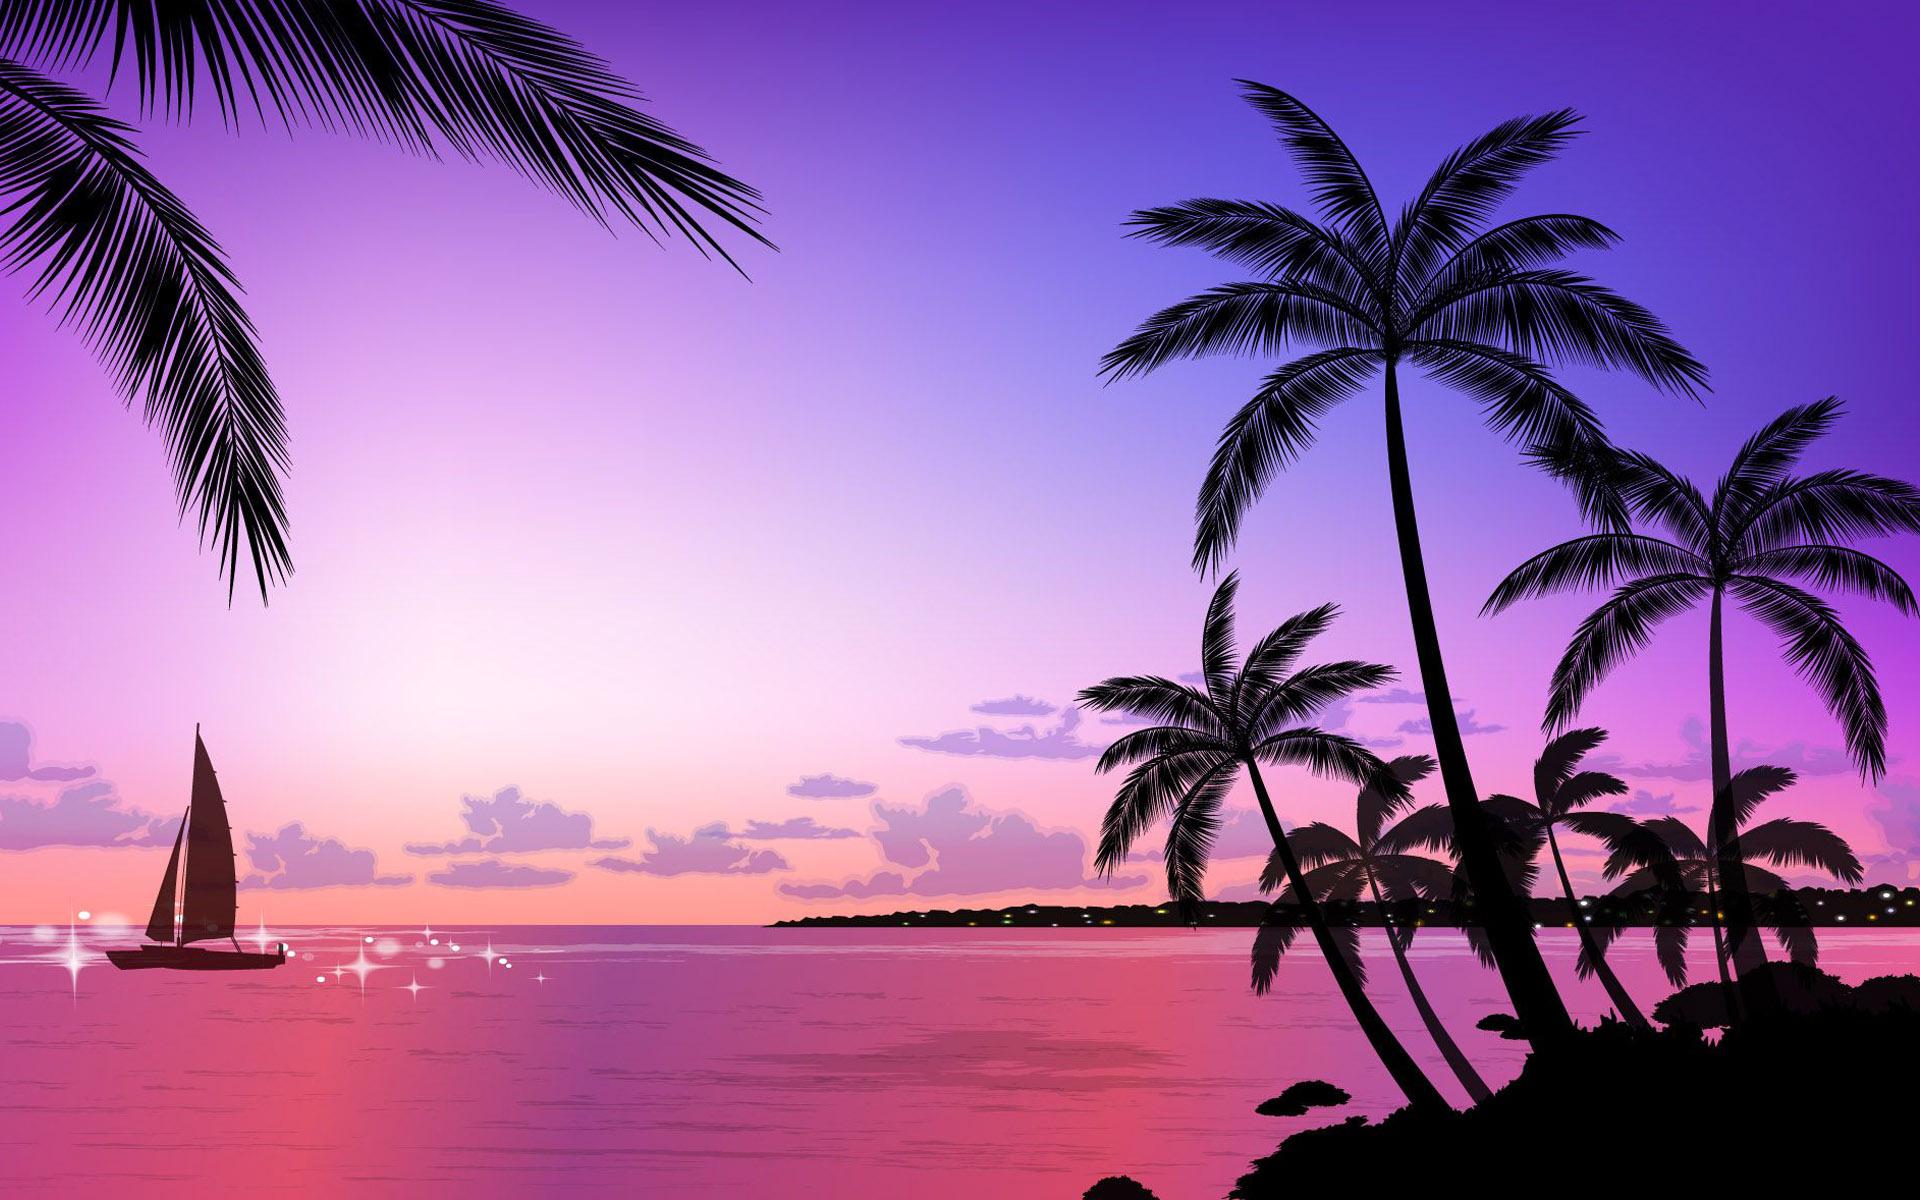 Tropical Beach Sunset Wallpaper 1920x1200